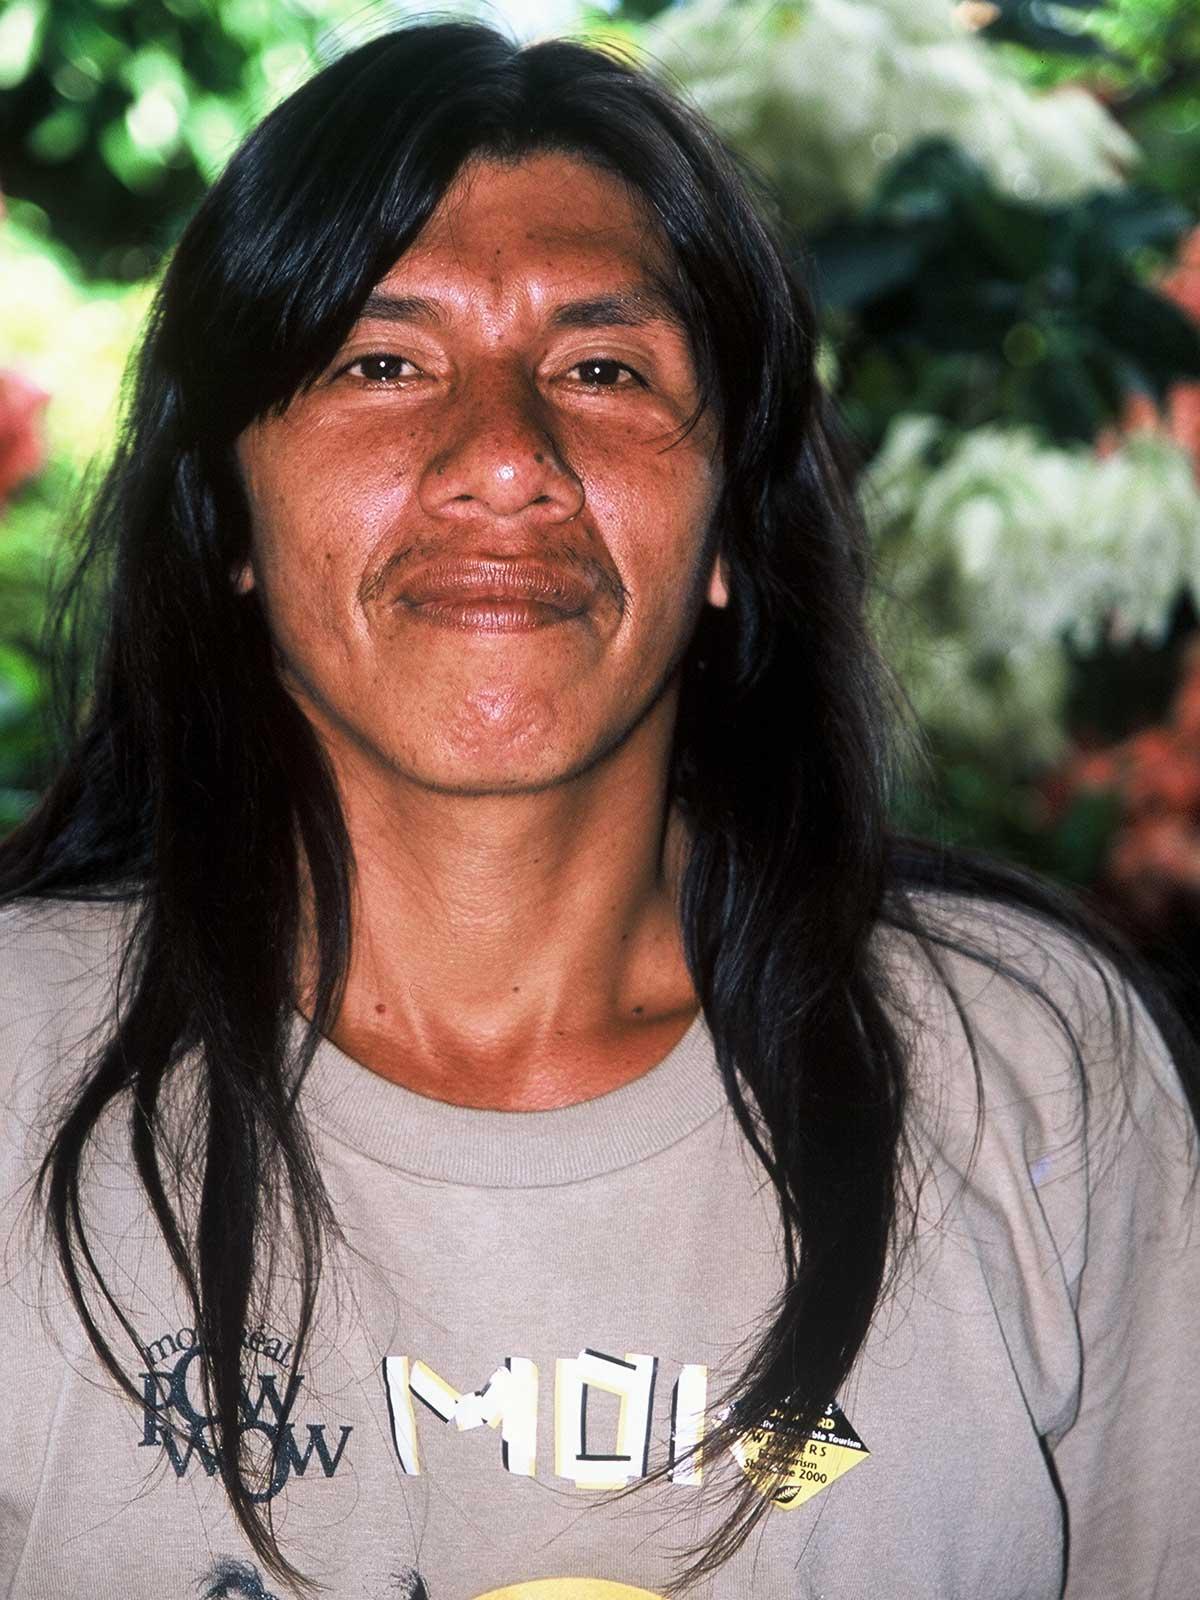 Amazon Eco-Warrior | Moi Enomenga | Ecuador Photo Journal | Steven Andrew Martin | Amazonia | Yasuni Park